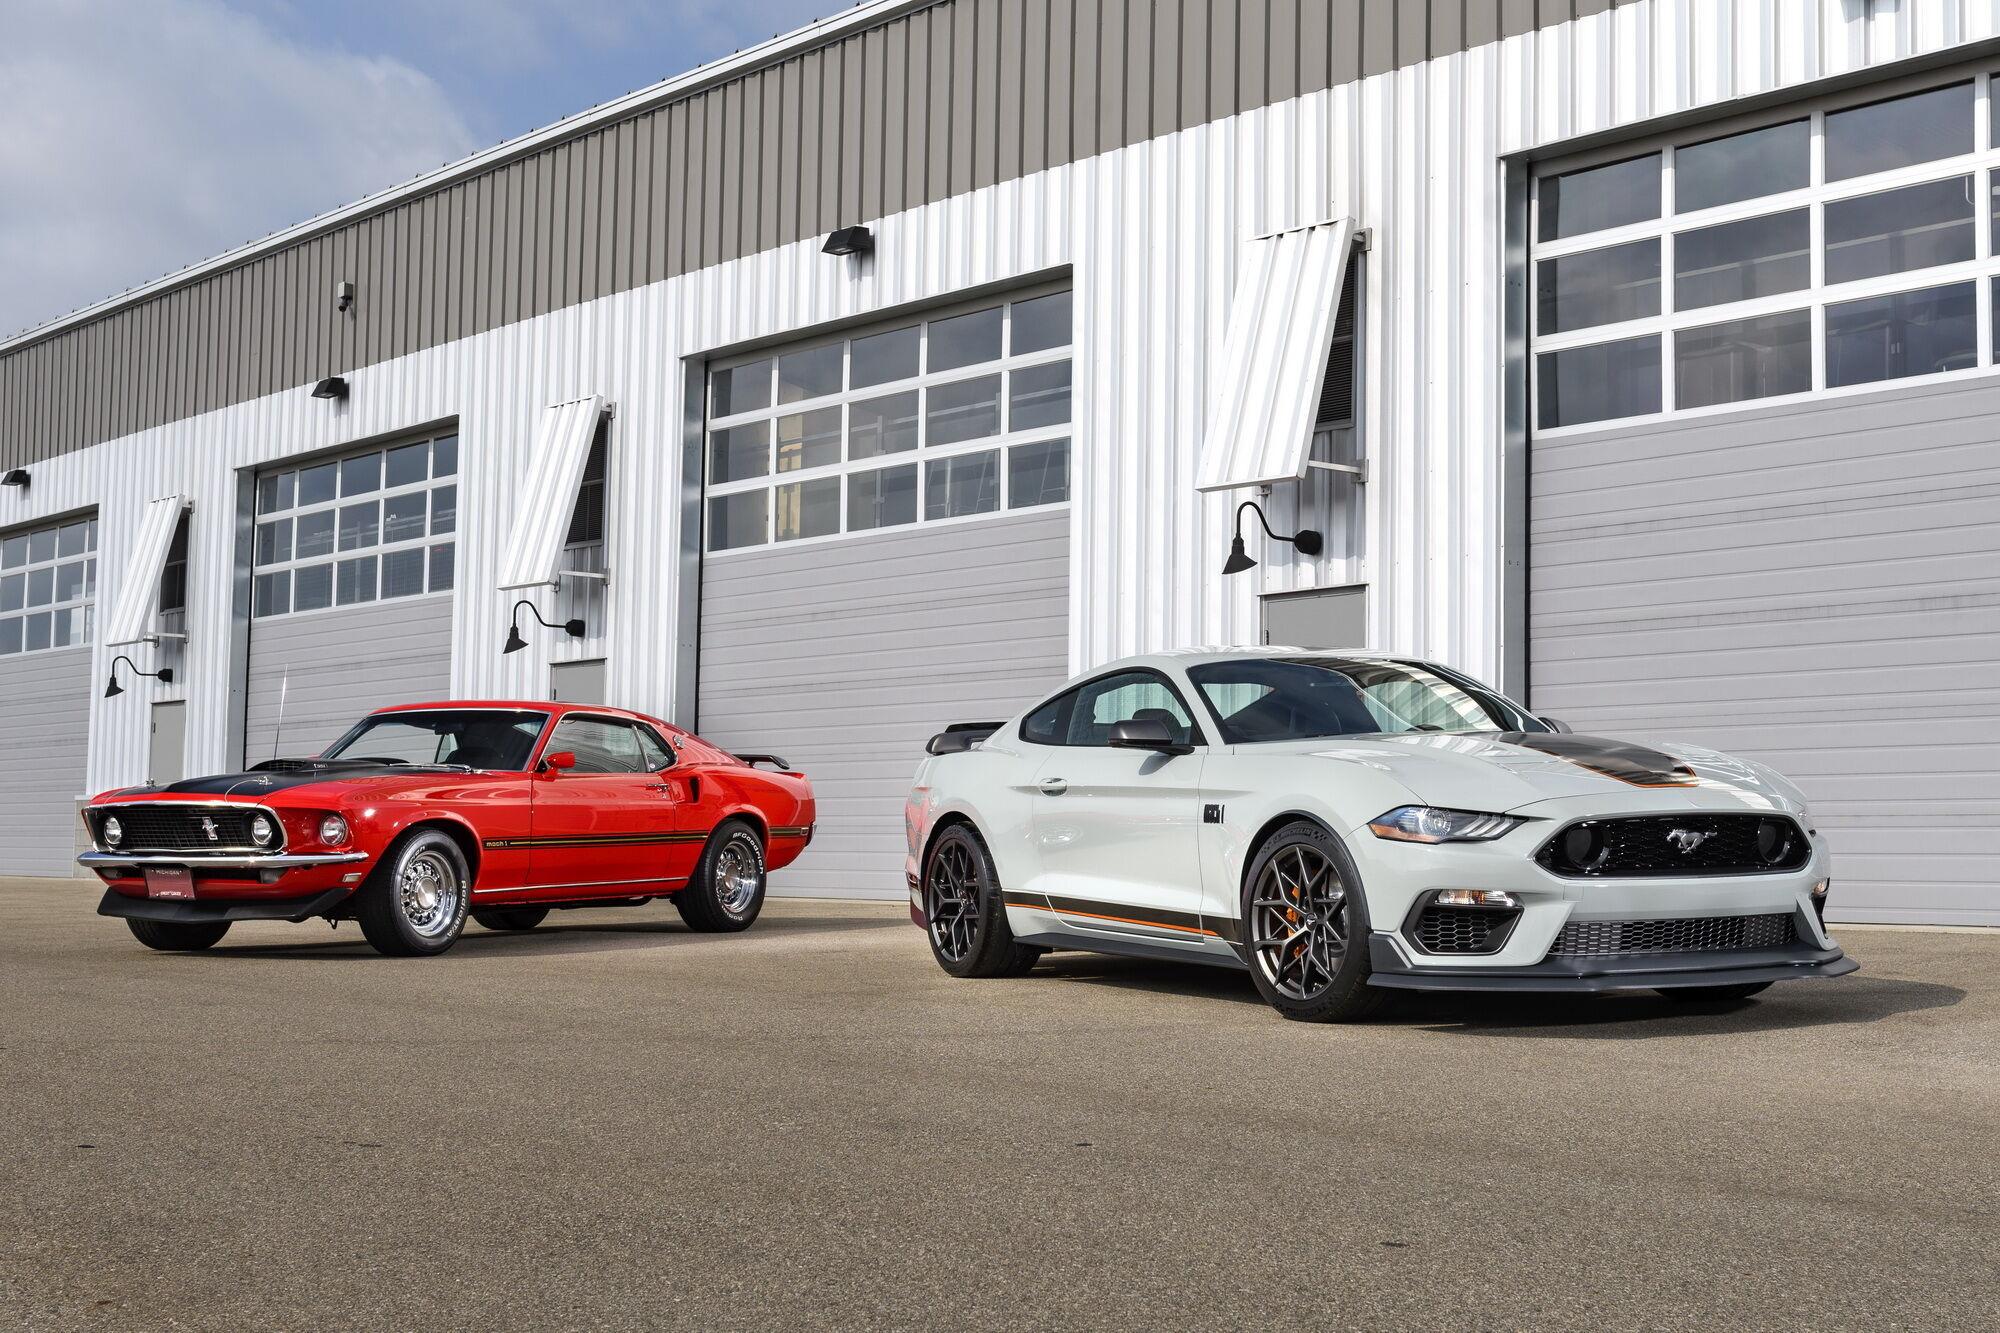 Новый Ford Mustang Mach 1 и его легендарный предок